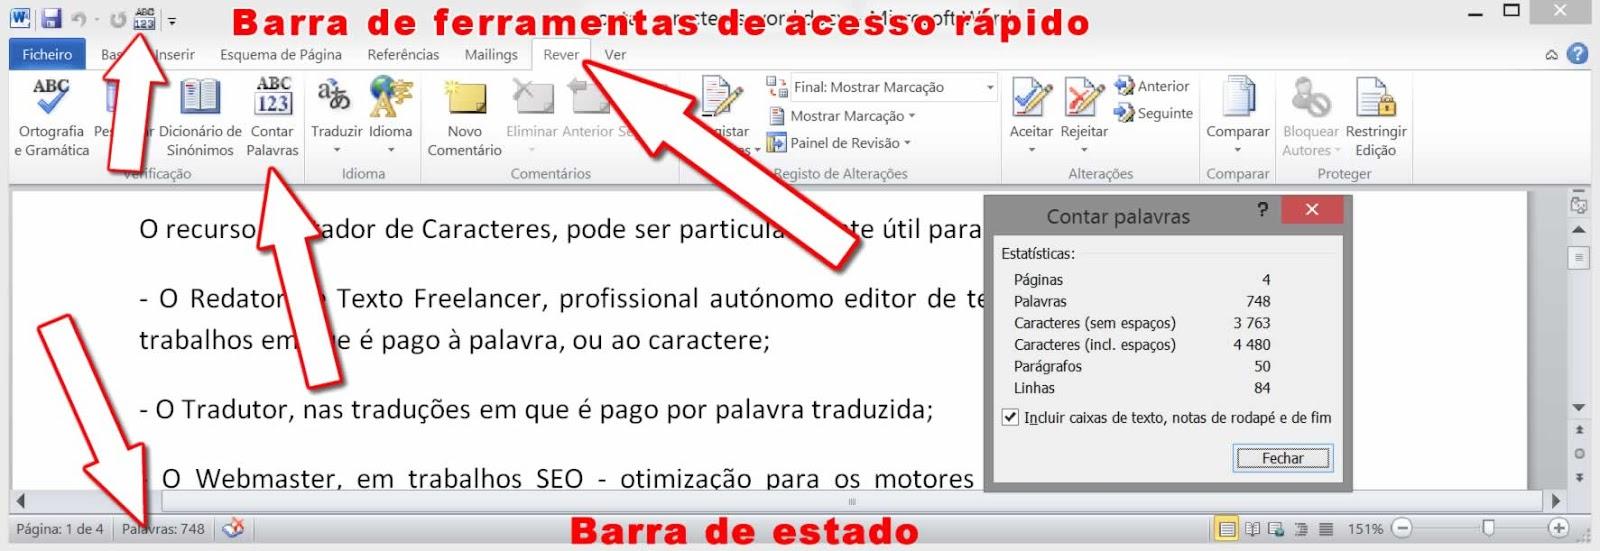 Contar caracteres em documento completo